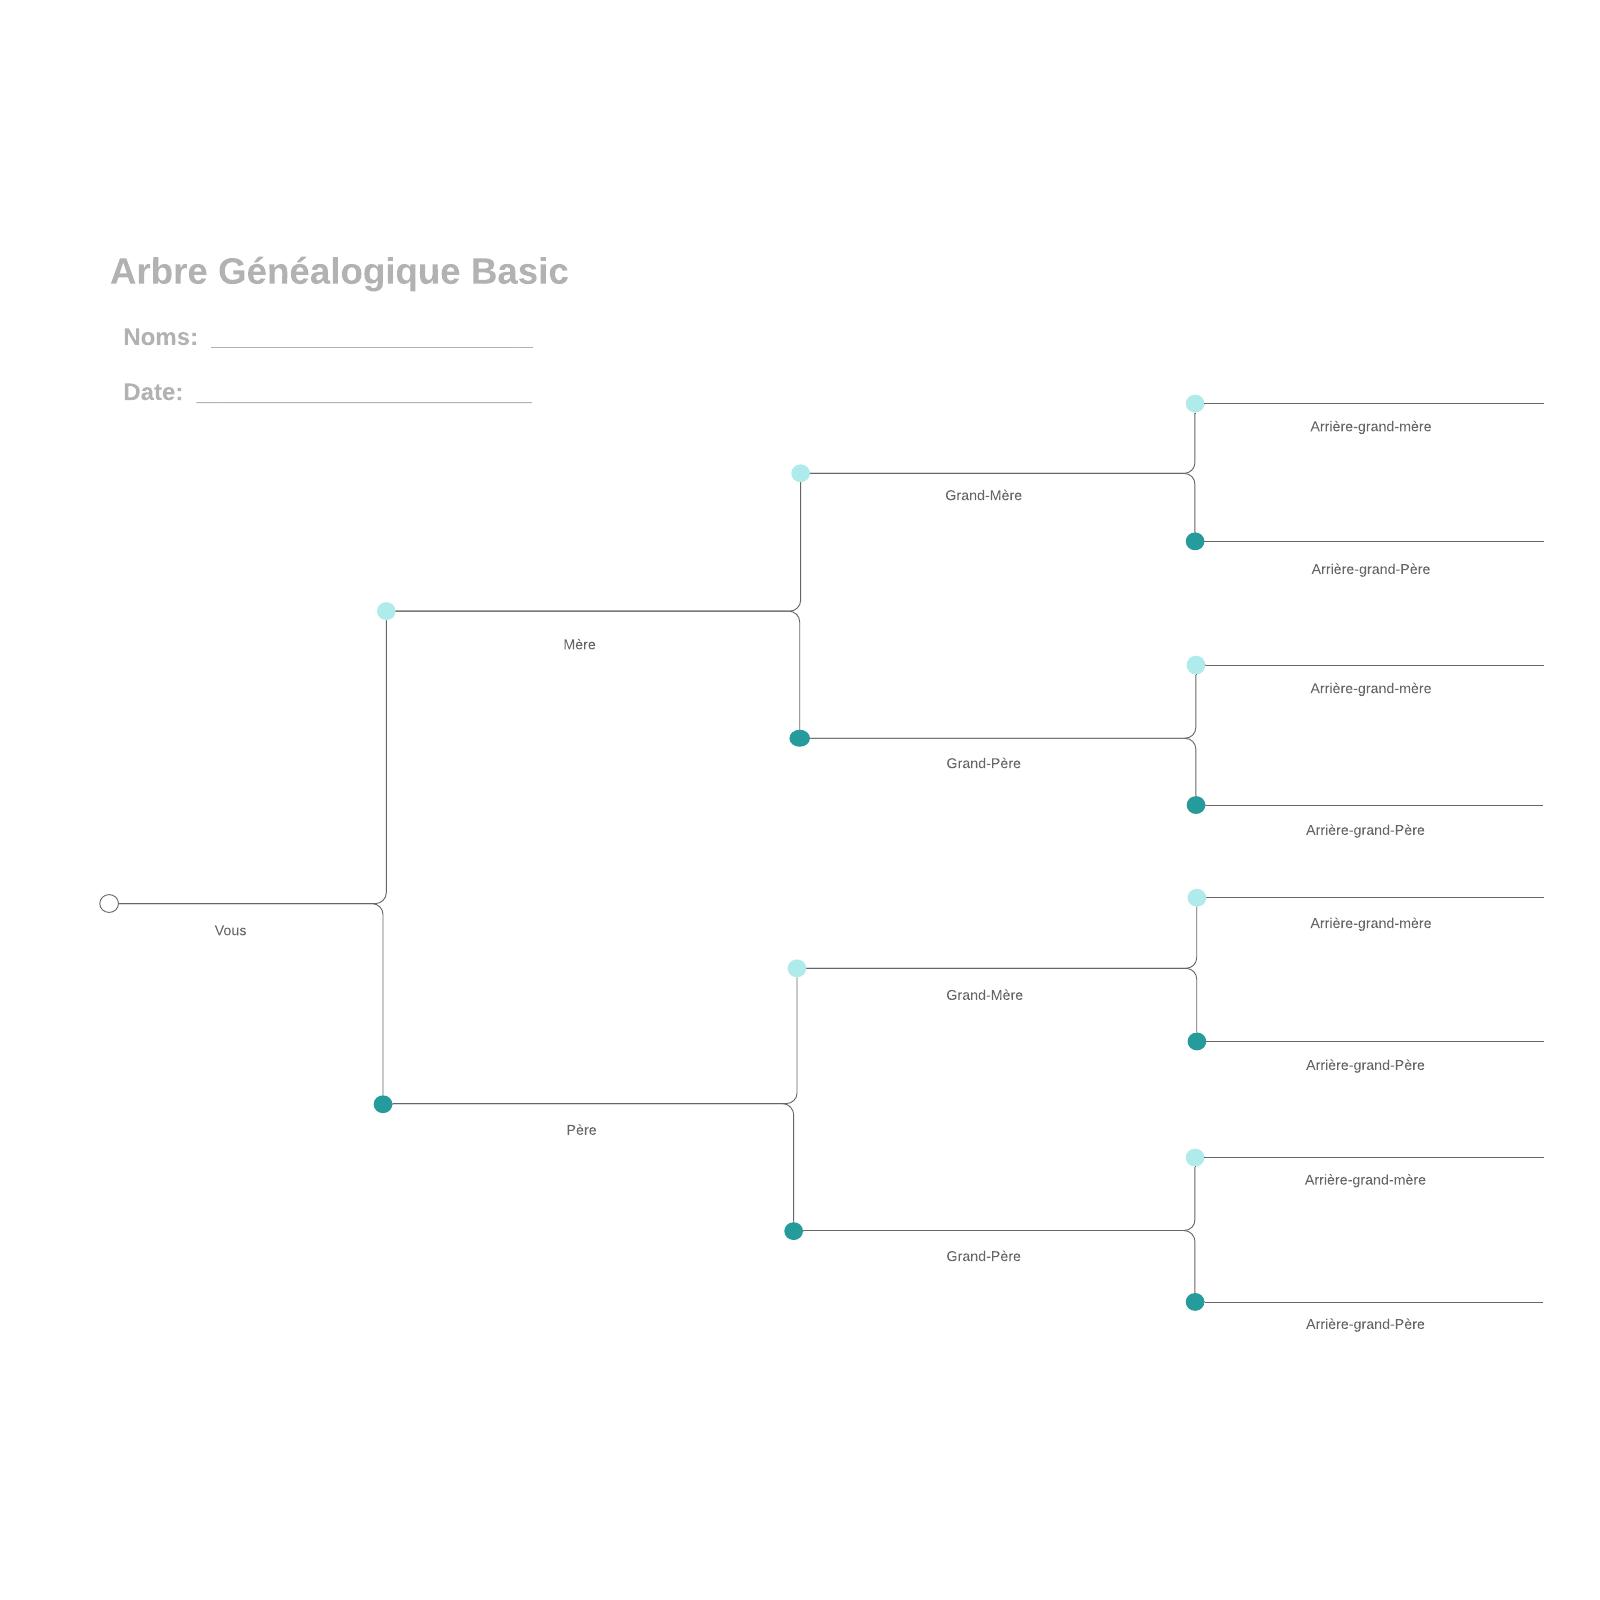 exemple d'arbre généalogique simplifié